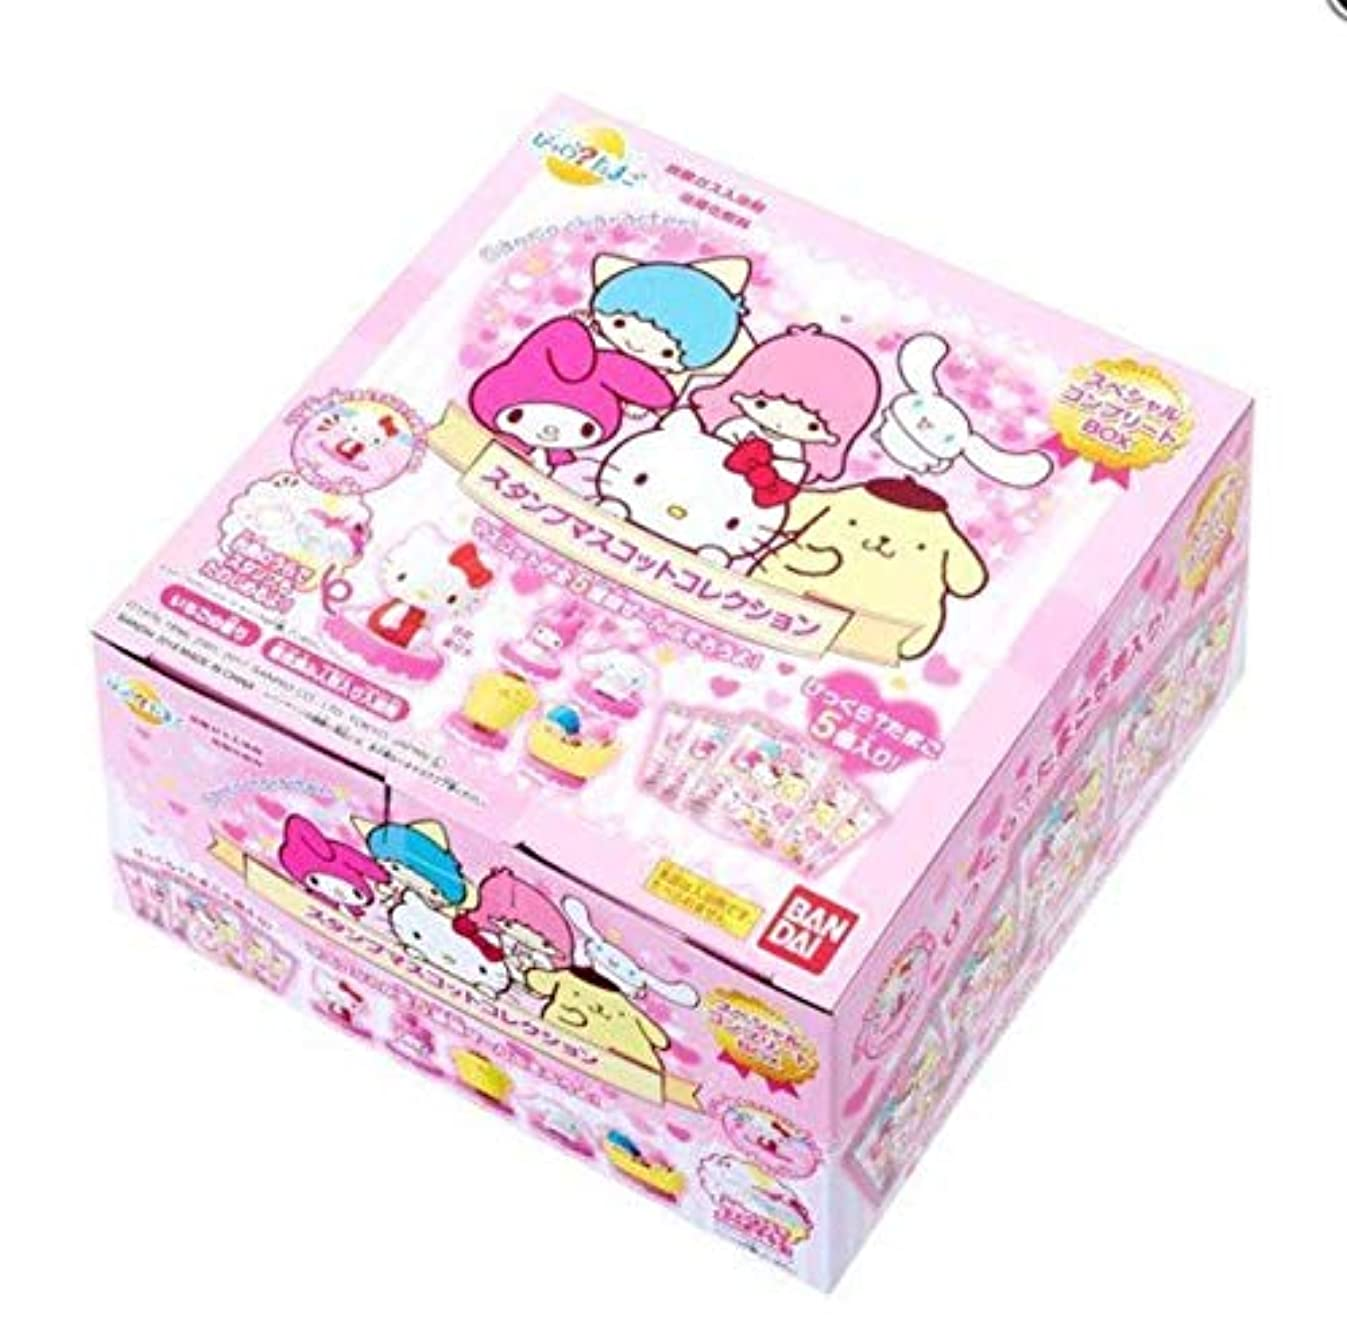 びっくら?たまご サンリオキャラクターズ スタンプマスコットコレクション スペシャルコンプリートBOX